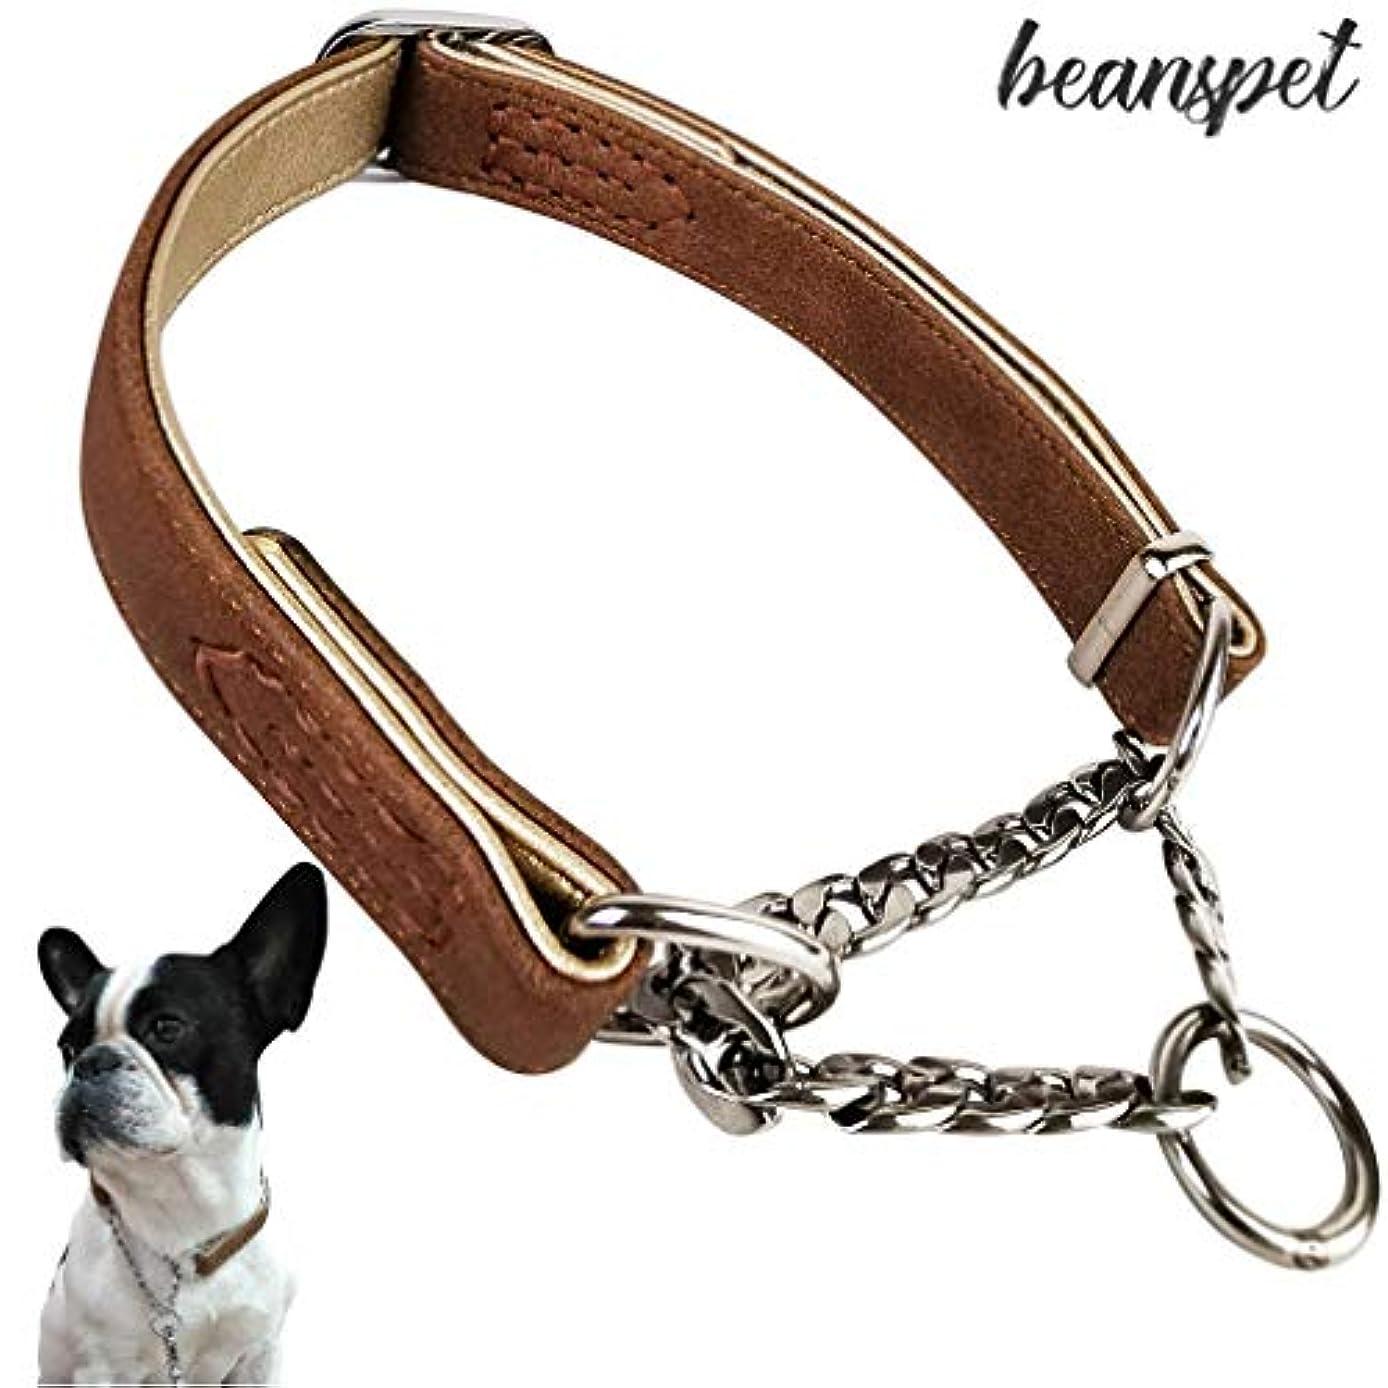 速度タフカップルbeanspet 犬 ハーフチョーク 2層革 首輪 犬首輪 革 おしゃれ かわいい 大型犬 犬の首輪 いぬ くびわ レザー 犬用品 (S, ブラウン)